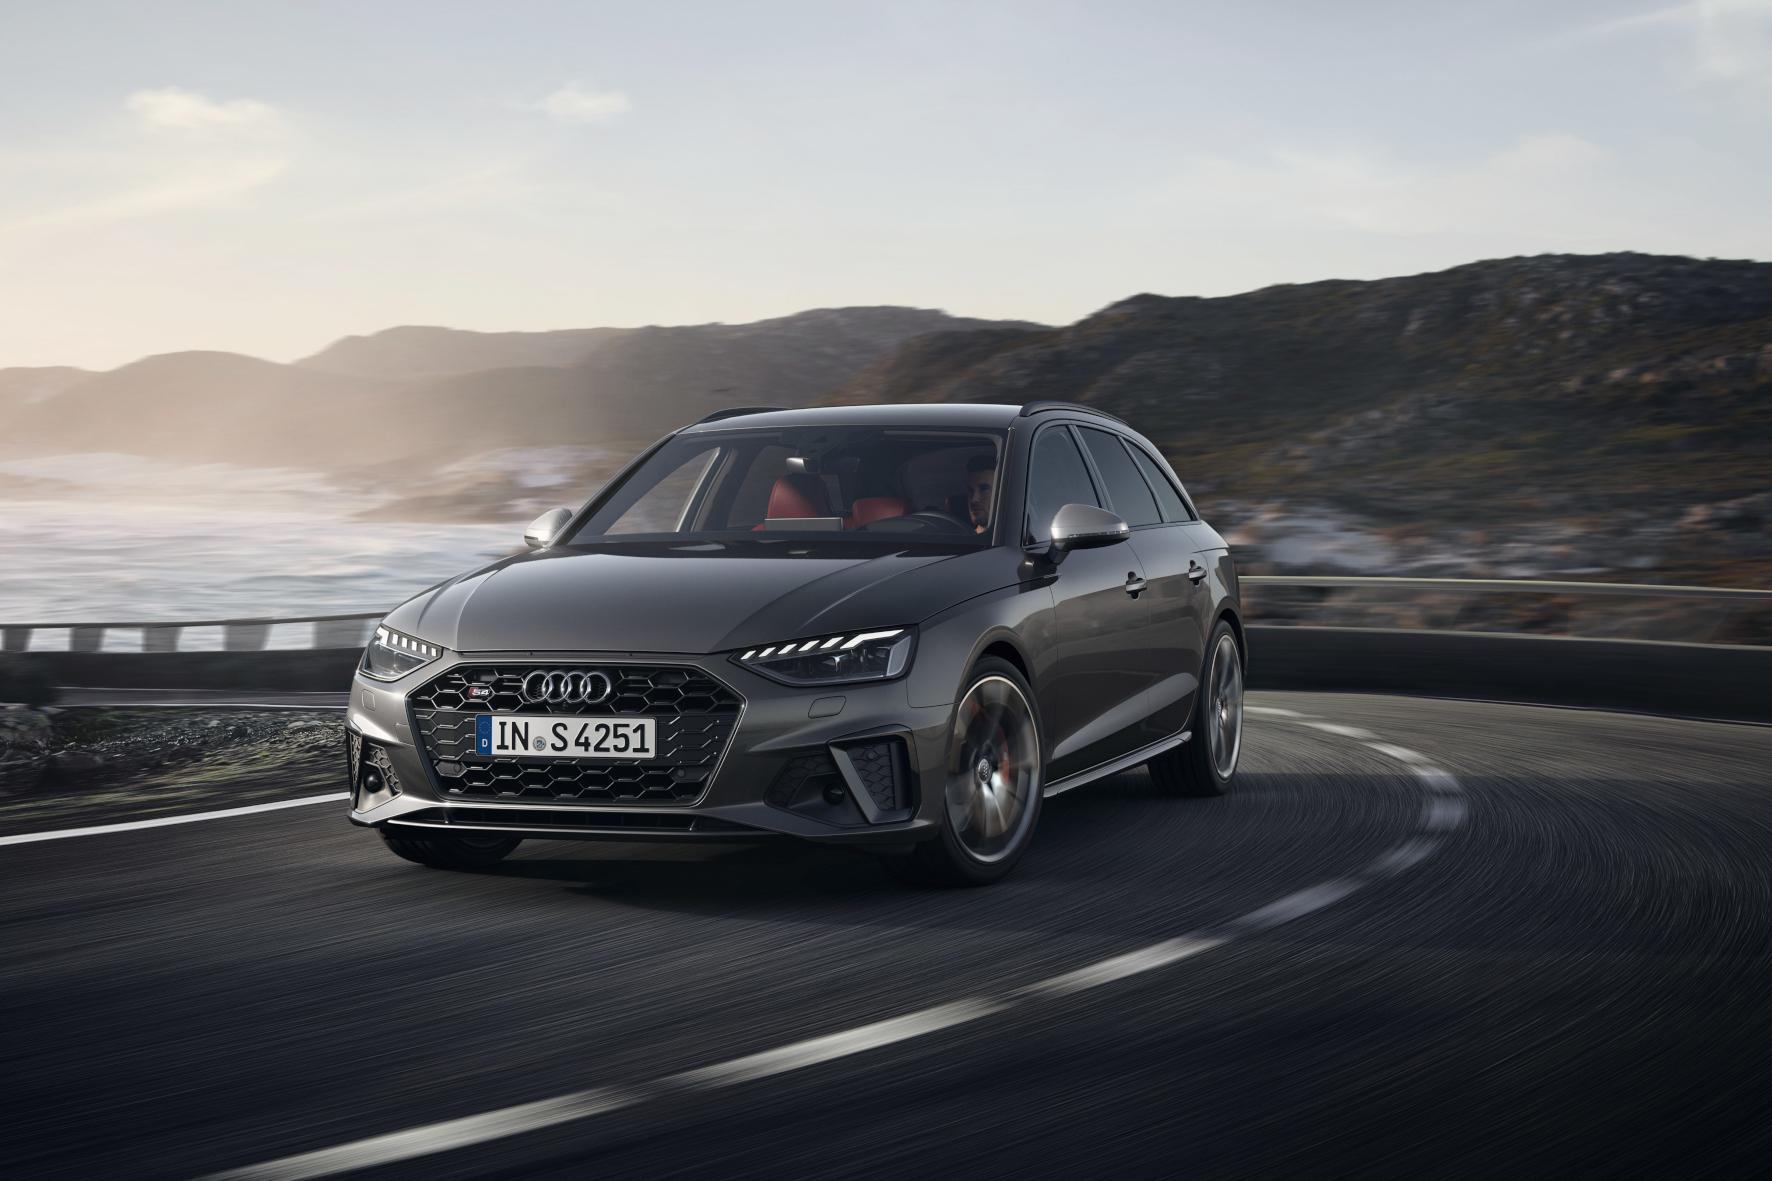 Der Audi S4 Avant ist nach der Modellpflege in bestechender Form.